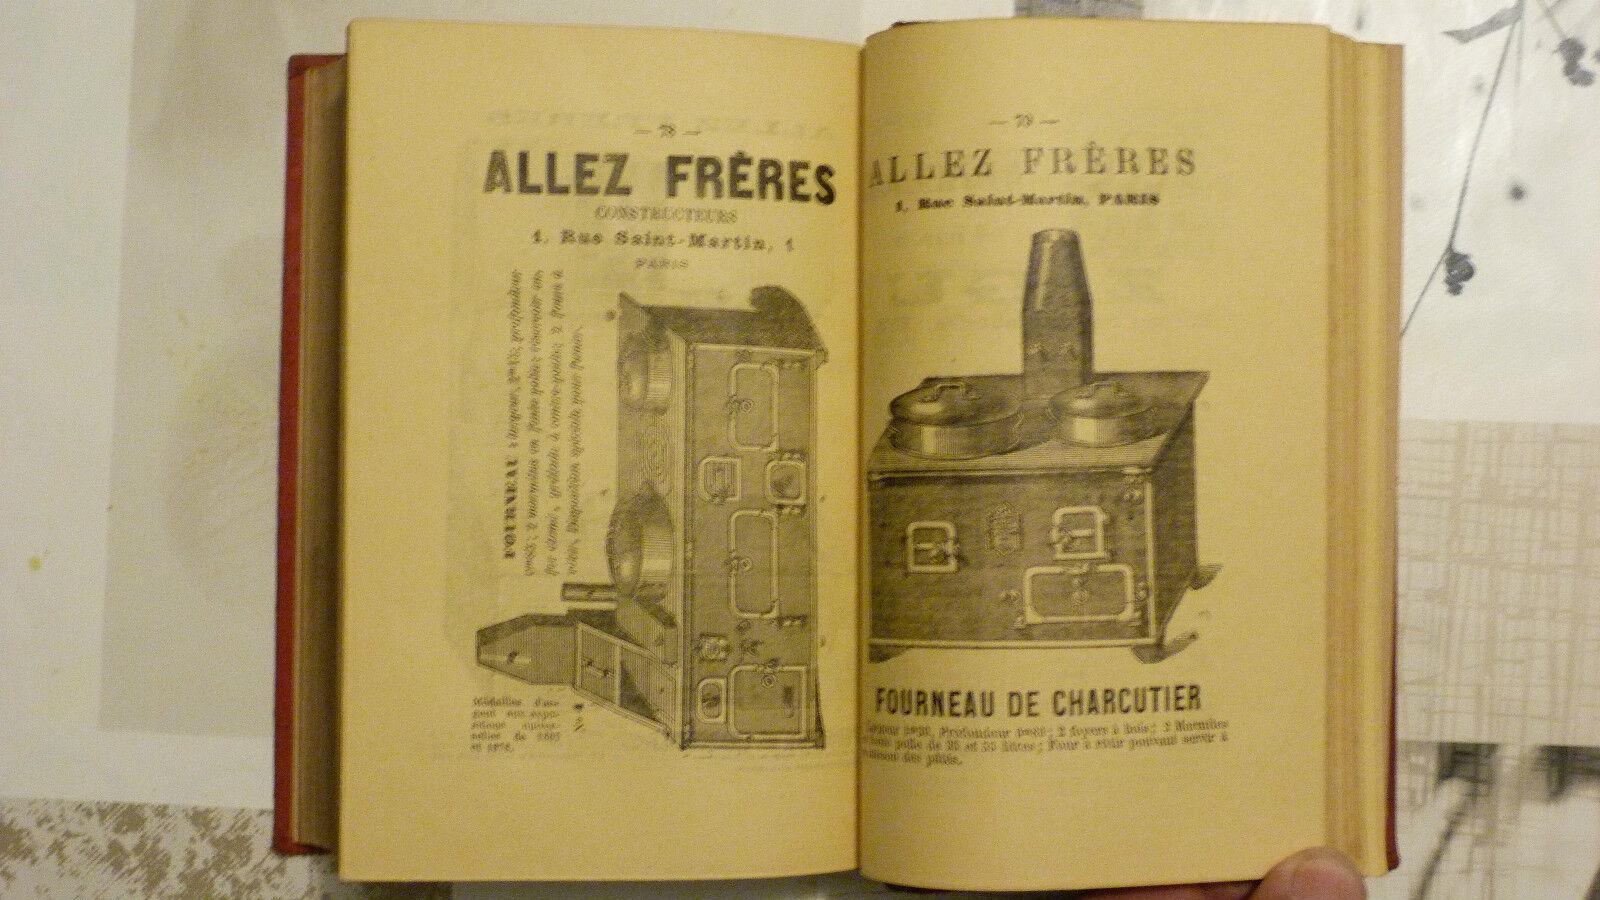 Annuaire de la charcuterie de paris chambre syndicale de - Adresse chambre des notaires de paris ...